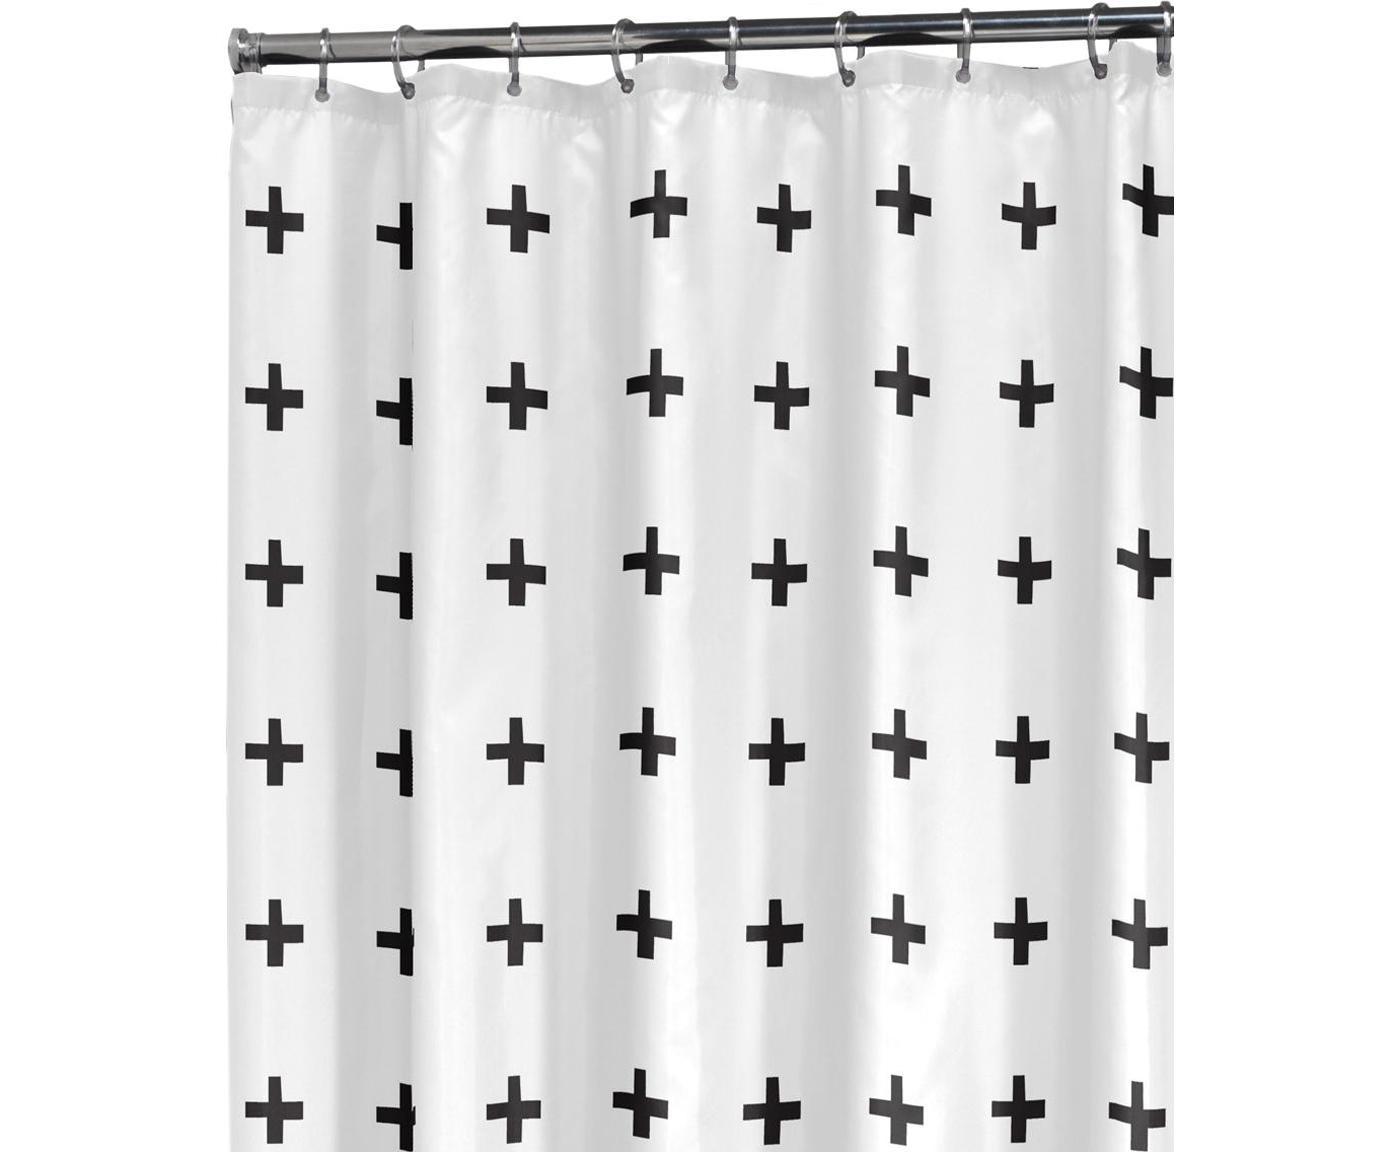 Zasłona prysznicowa Kenzie, Biały, czarny, 180 x 200 cm